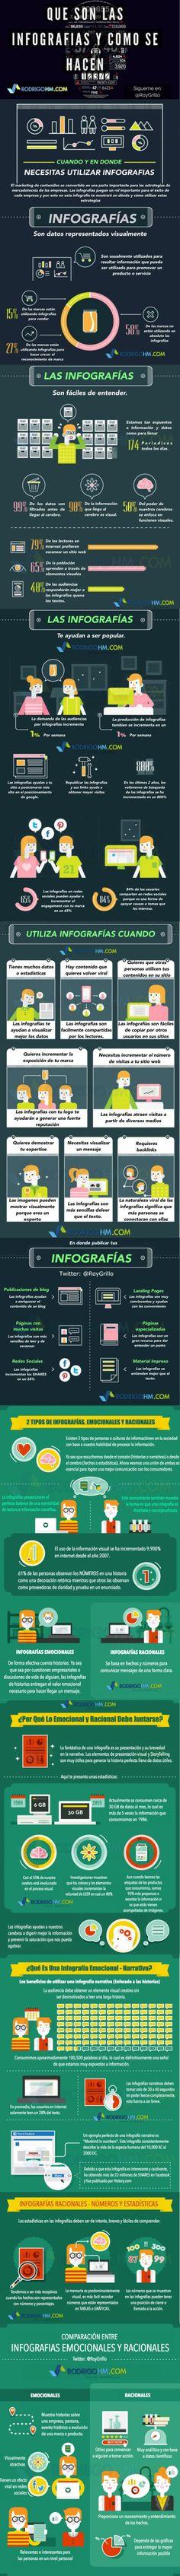 Todo sobre infografías: por qué son tan importantes para el marketing de contenidos, diferentes tipos y cómo hacer buenas infografías.                                                                                                                                                                                 Más